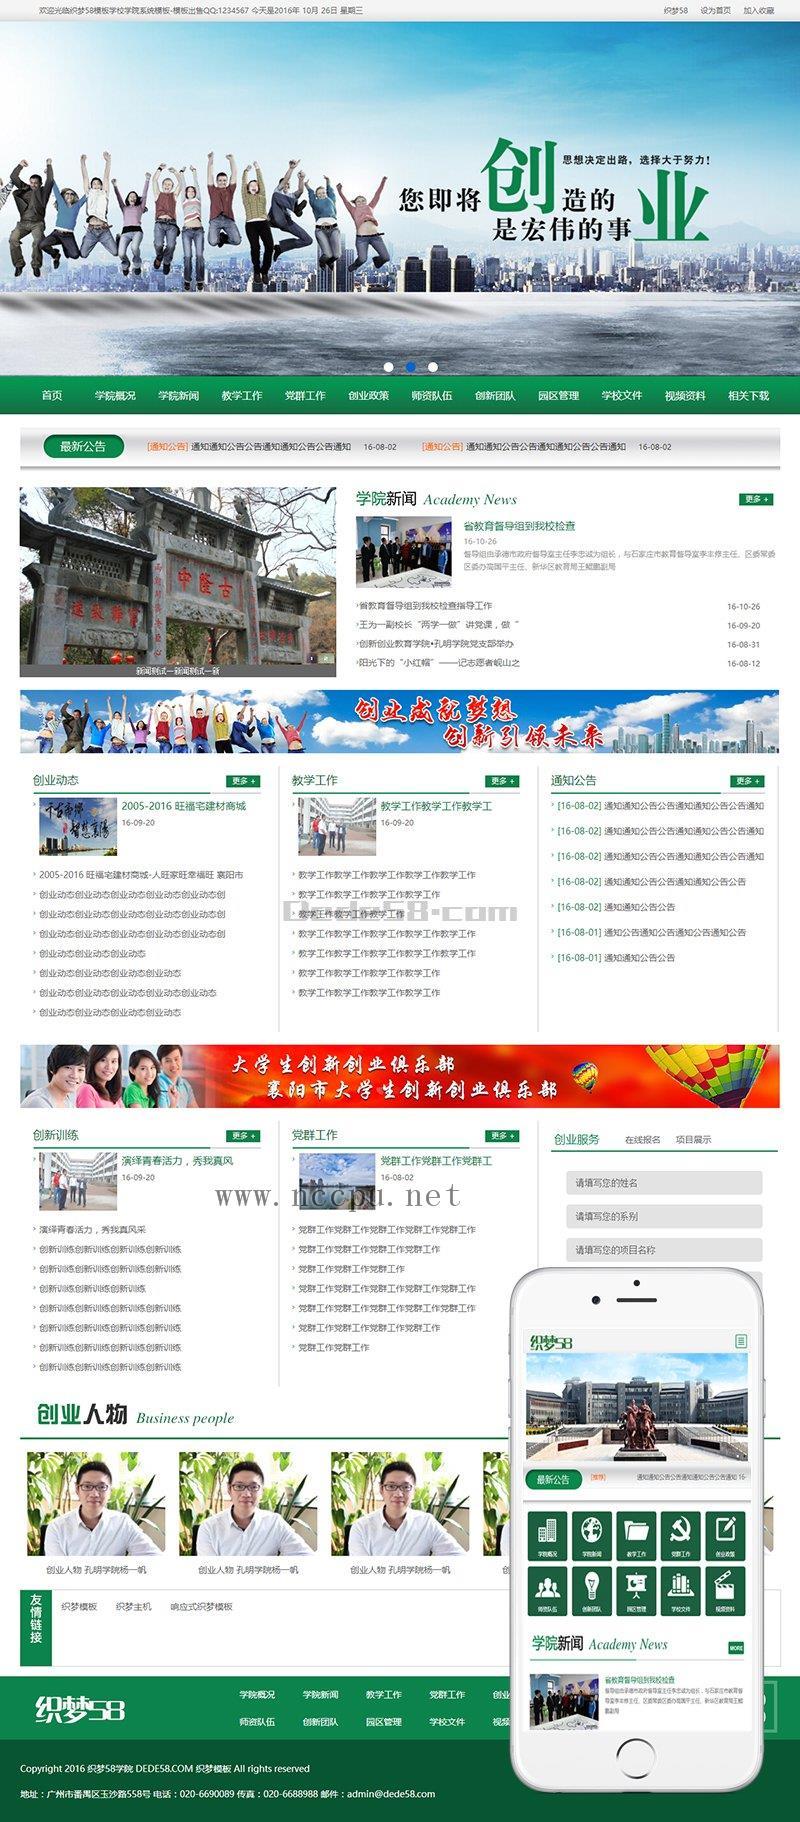 绿色学校学院新闻资讯欧宝娱乐代理申请(带手机版)建设案例「响应式」